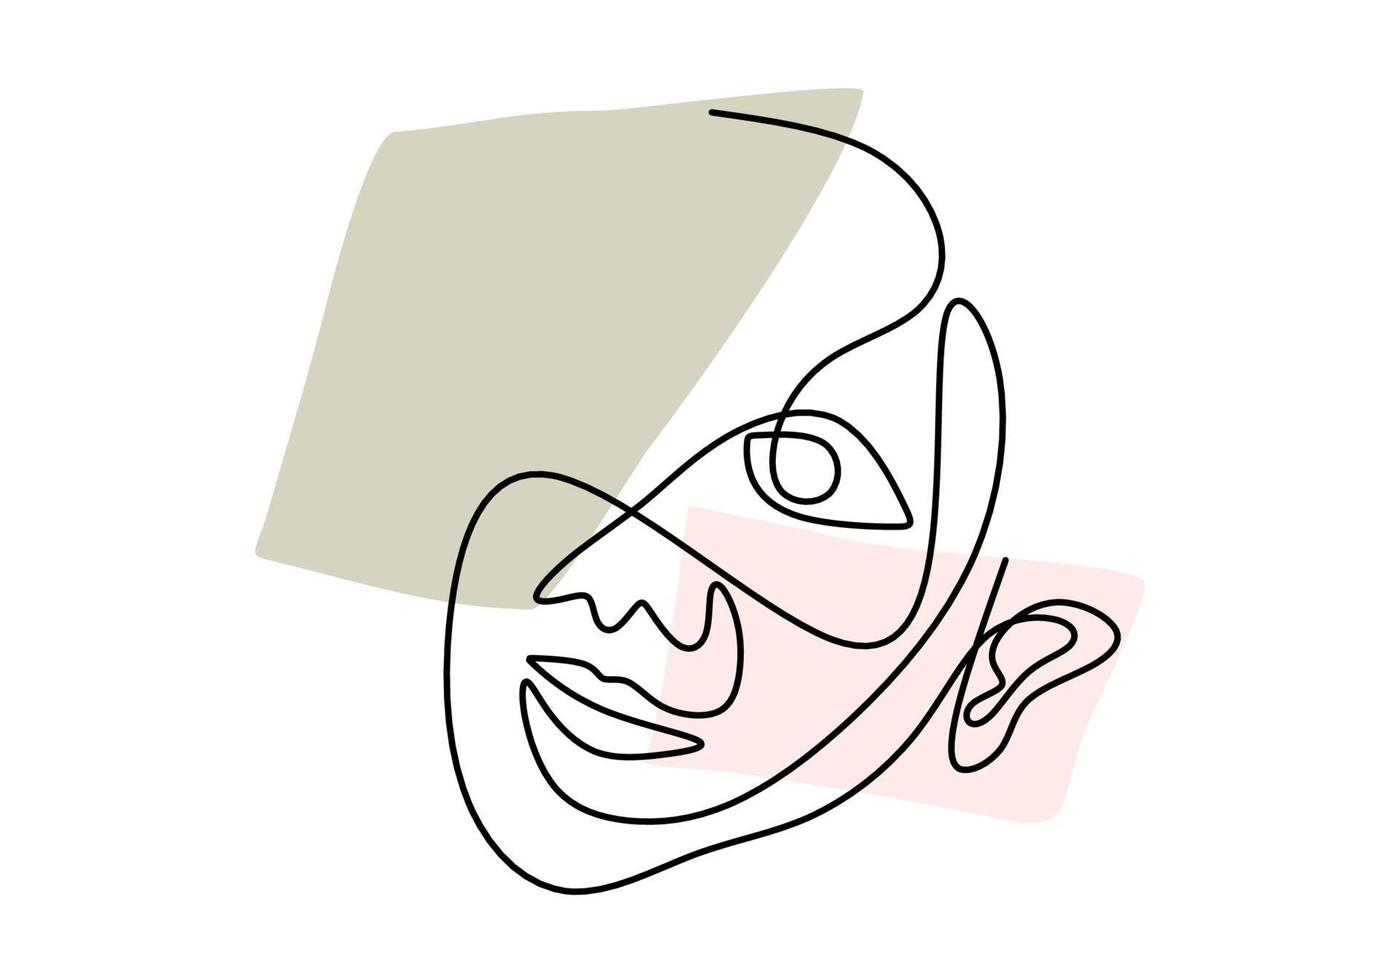 linha contínua, desenho de rostos, conceito minimalista de moda, ilustração vetorial. mulher rosto abstrato desenhado à mão isolado no fundo branco. retrato de uma mulher em estilo abstrato moderno vetor